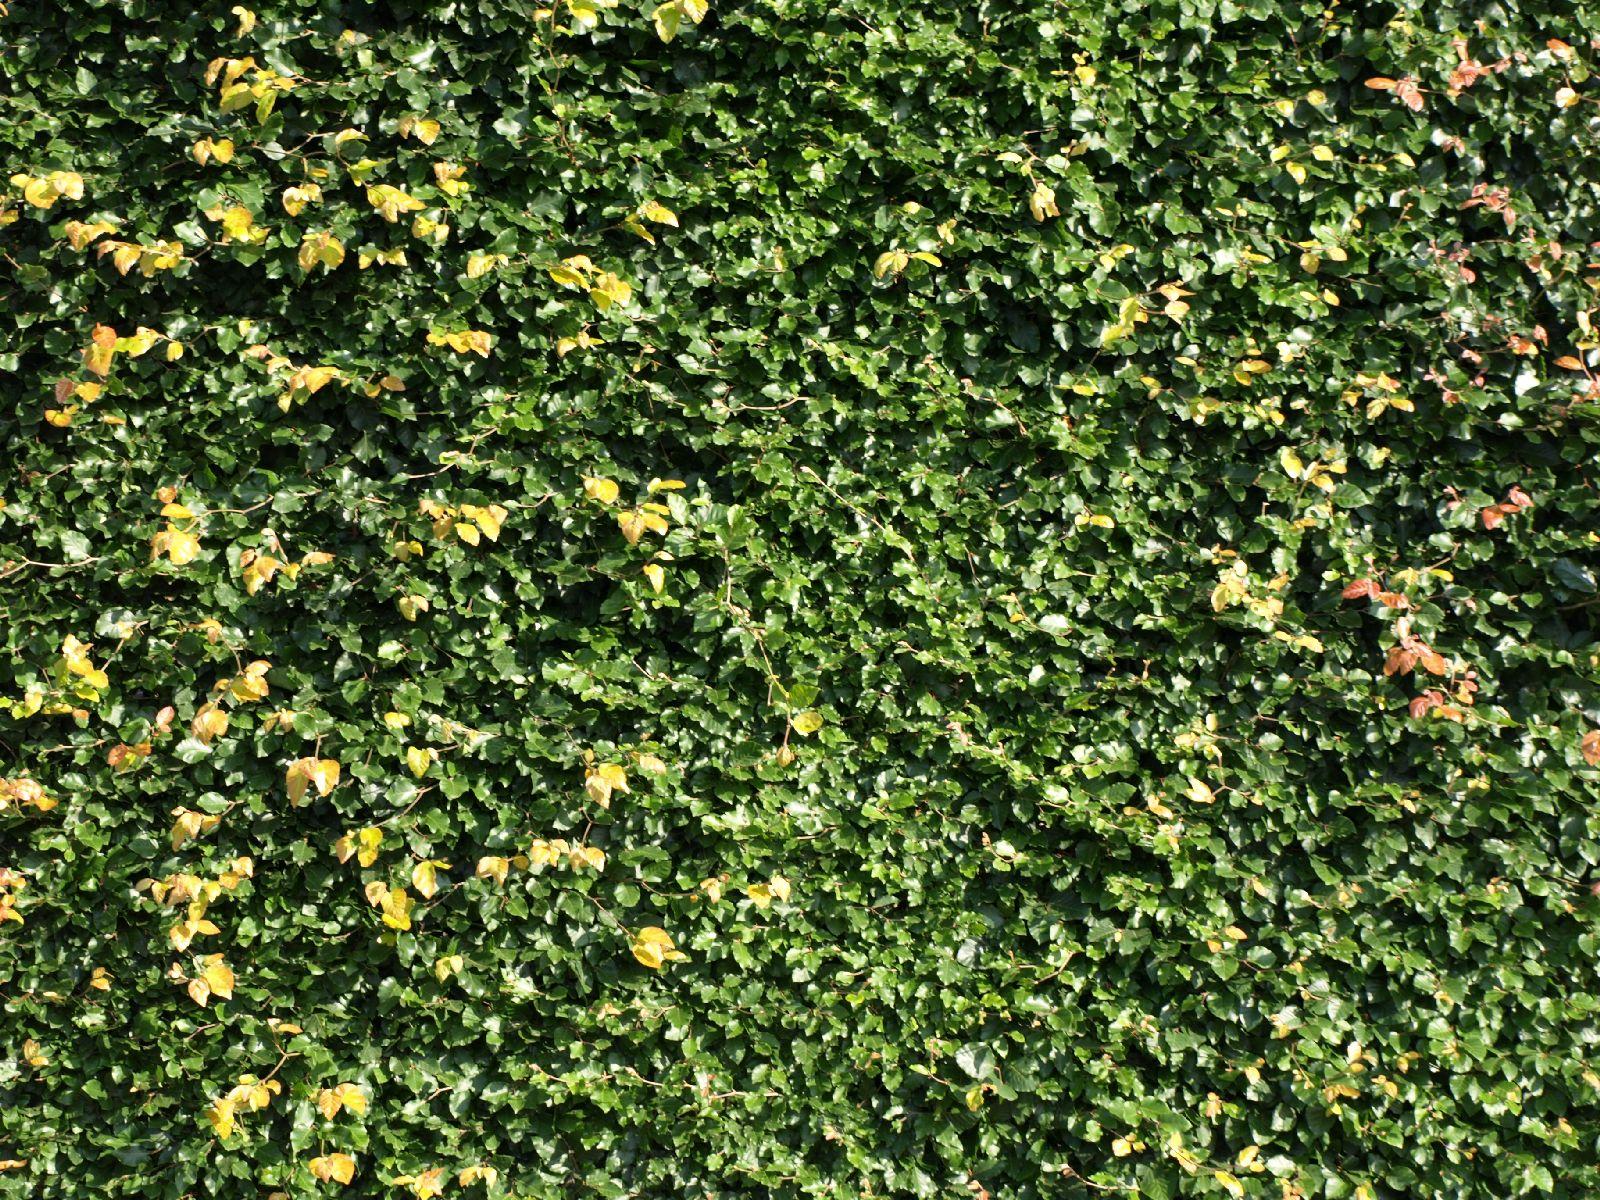 Pflanzen-Hecken-Foto_Textur_B_P6153419